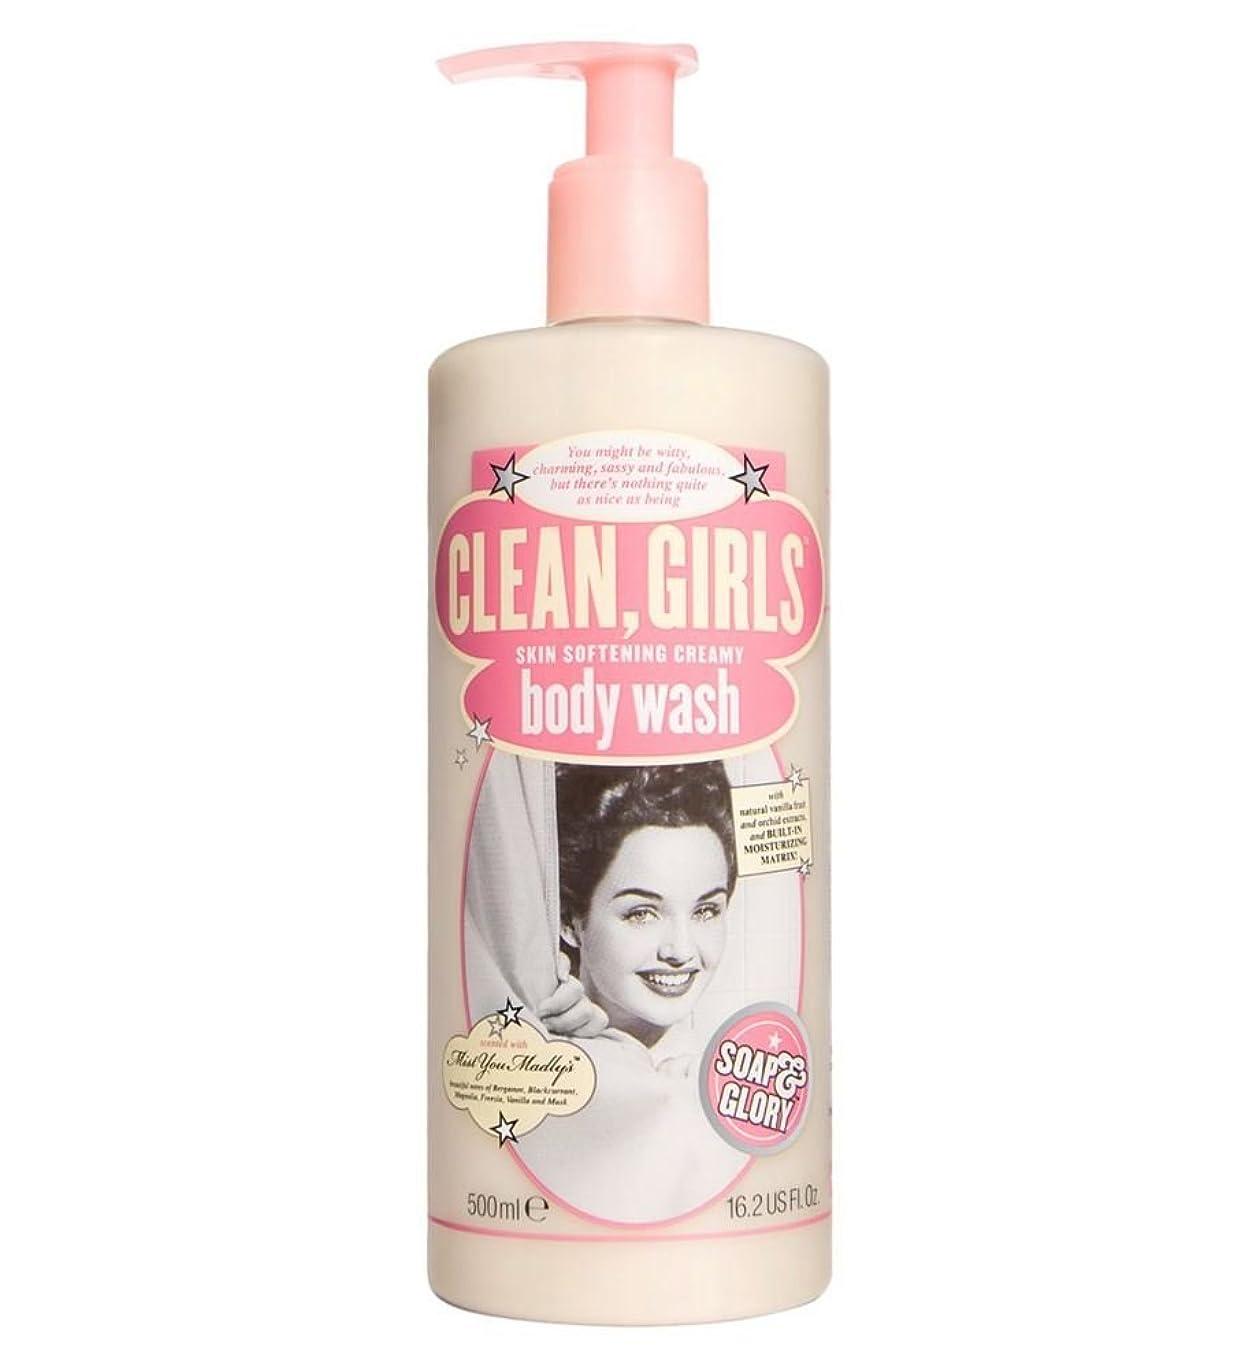 興奮する説得力のある名詞Soap & Glory Clean Girls Body Wash 500ml by Soap & Glory [並行輸入品]